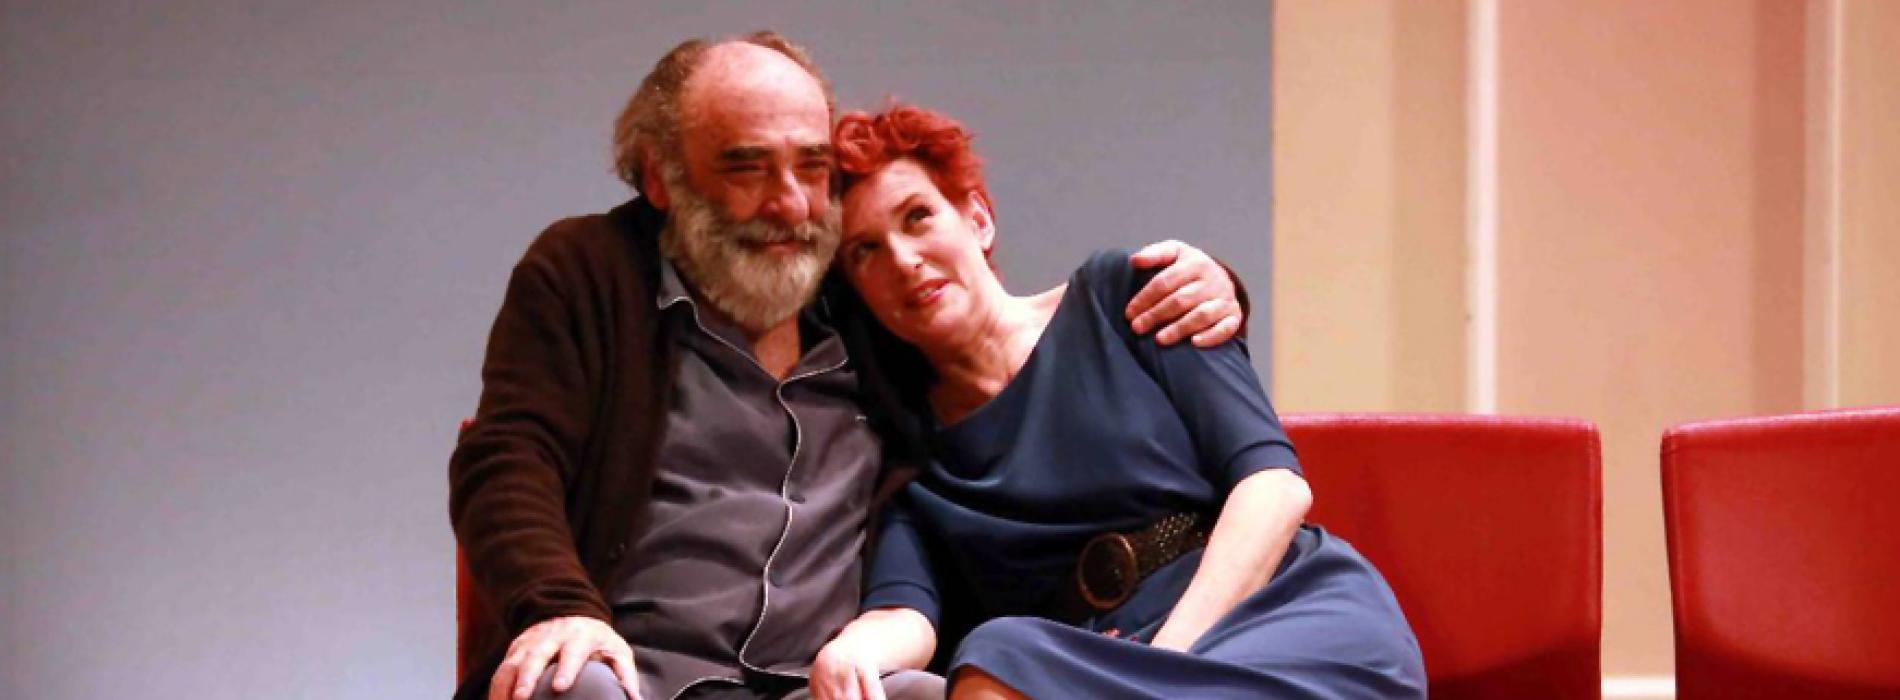 Alessandro Haber e Lucrezia Lante della Rovere al Comunale